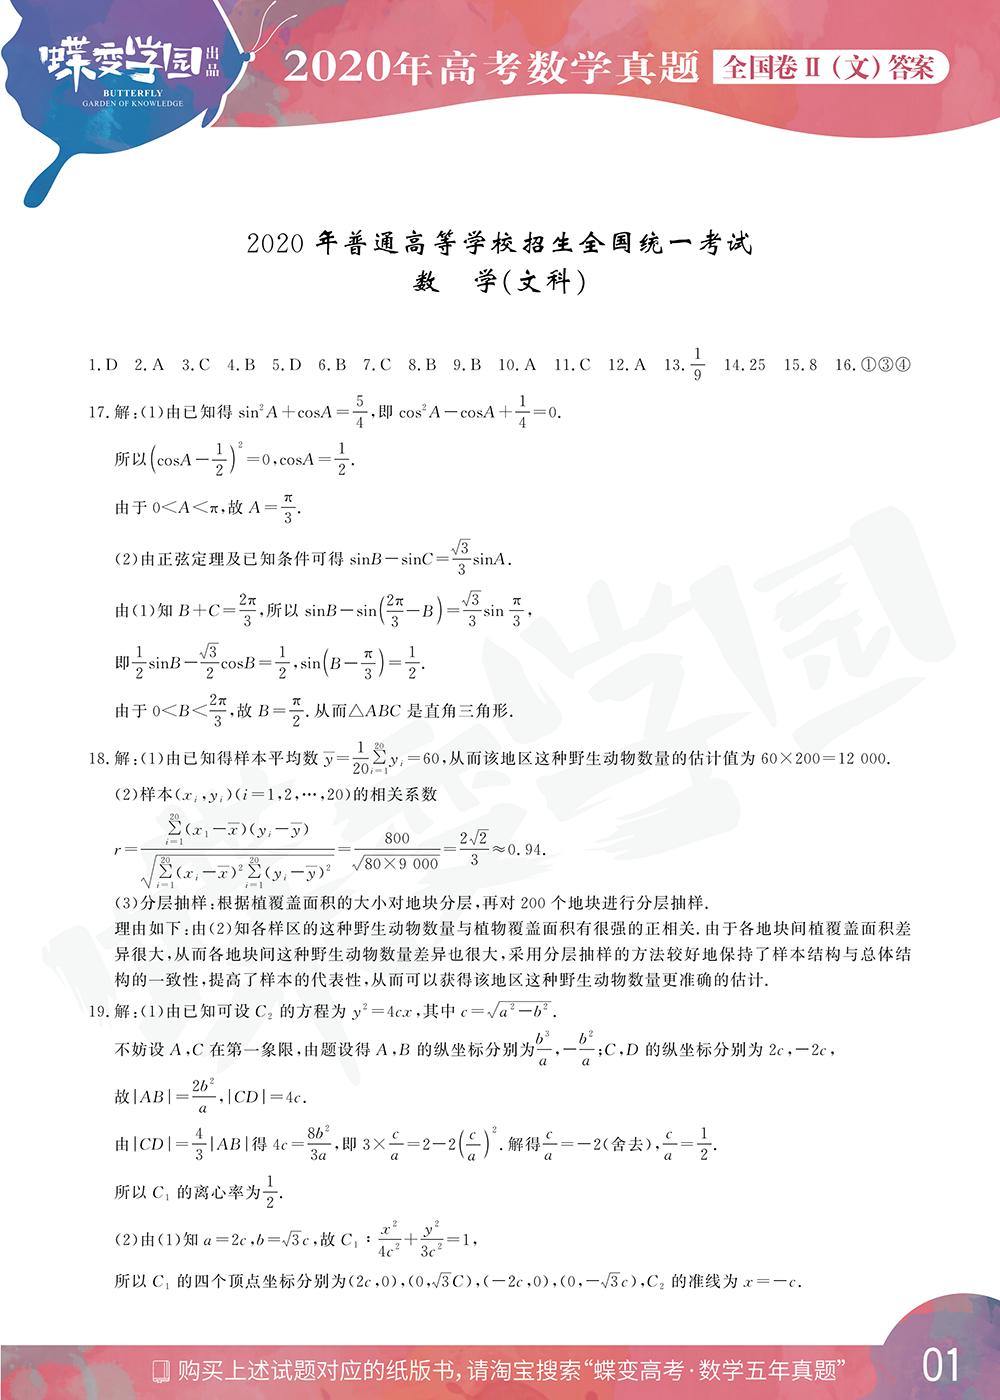 2020年全国2卷高考文科数学试题答案【高清精校版】